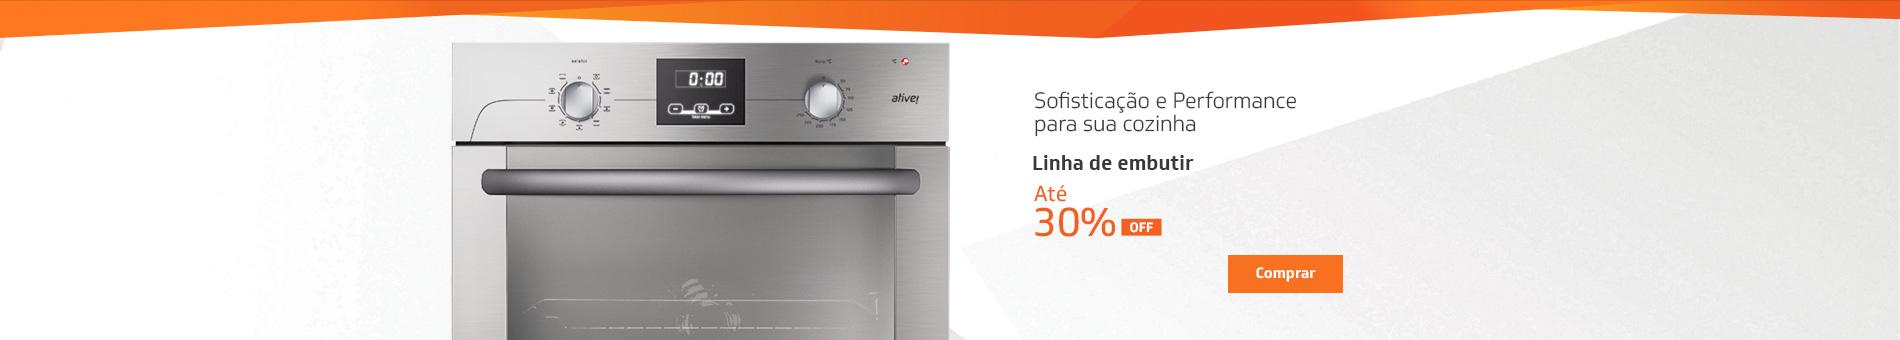 Promoção Interna - 603 - especialrefrigeracao_linhadeembutir_home5_26072016 - linhadeembutir - 5